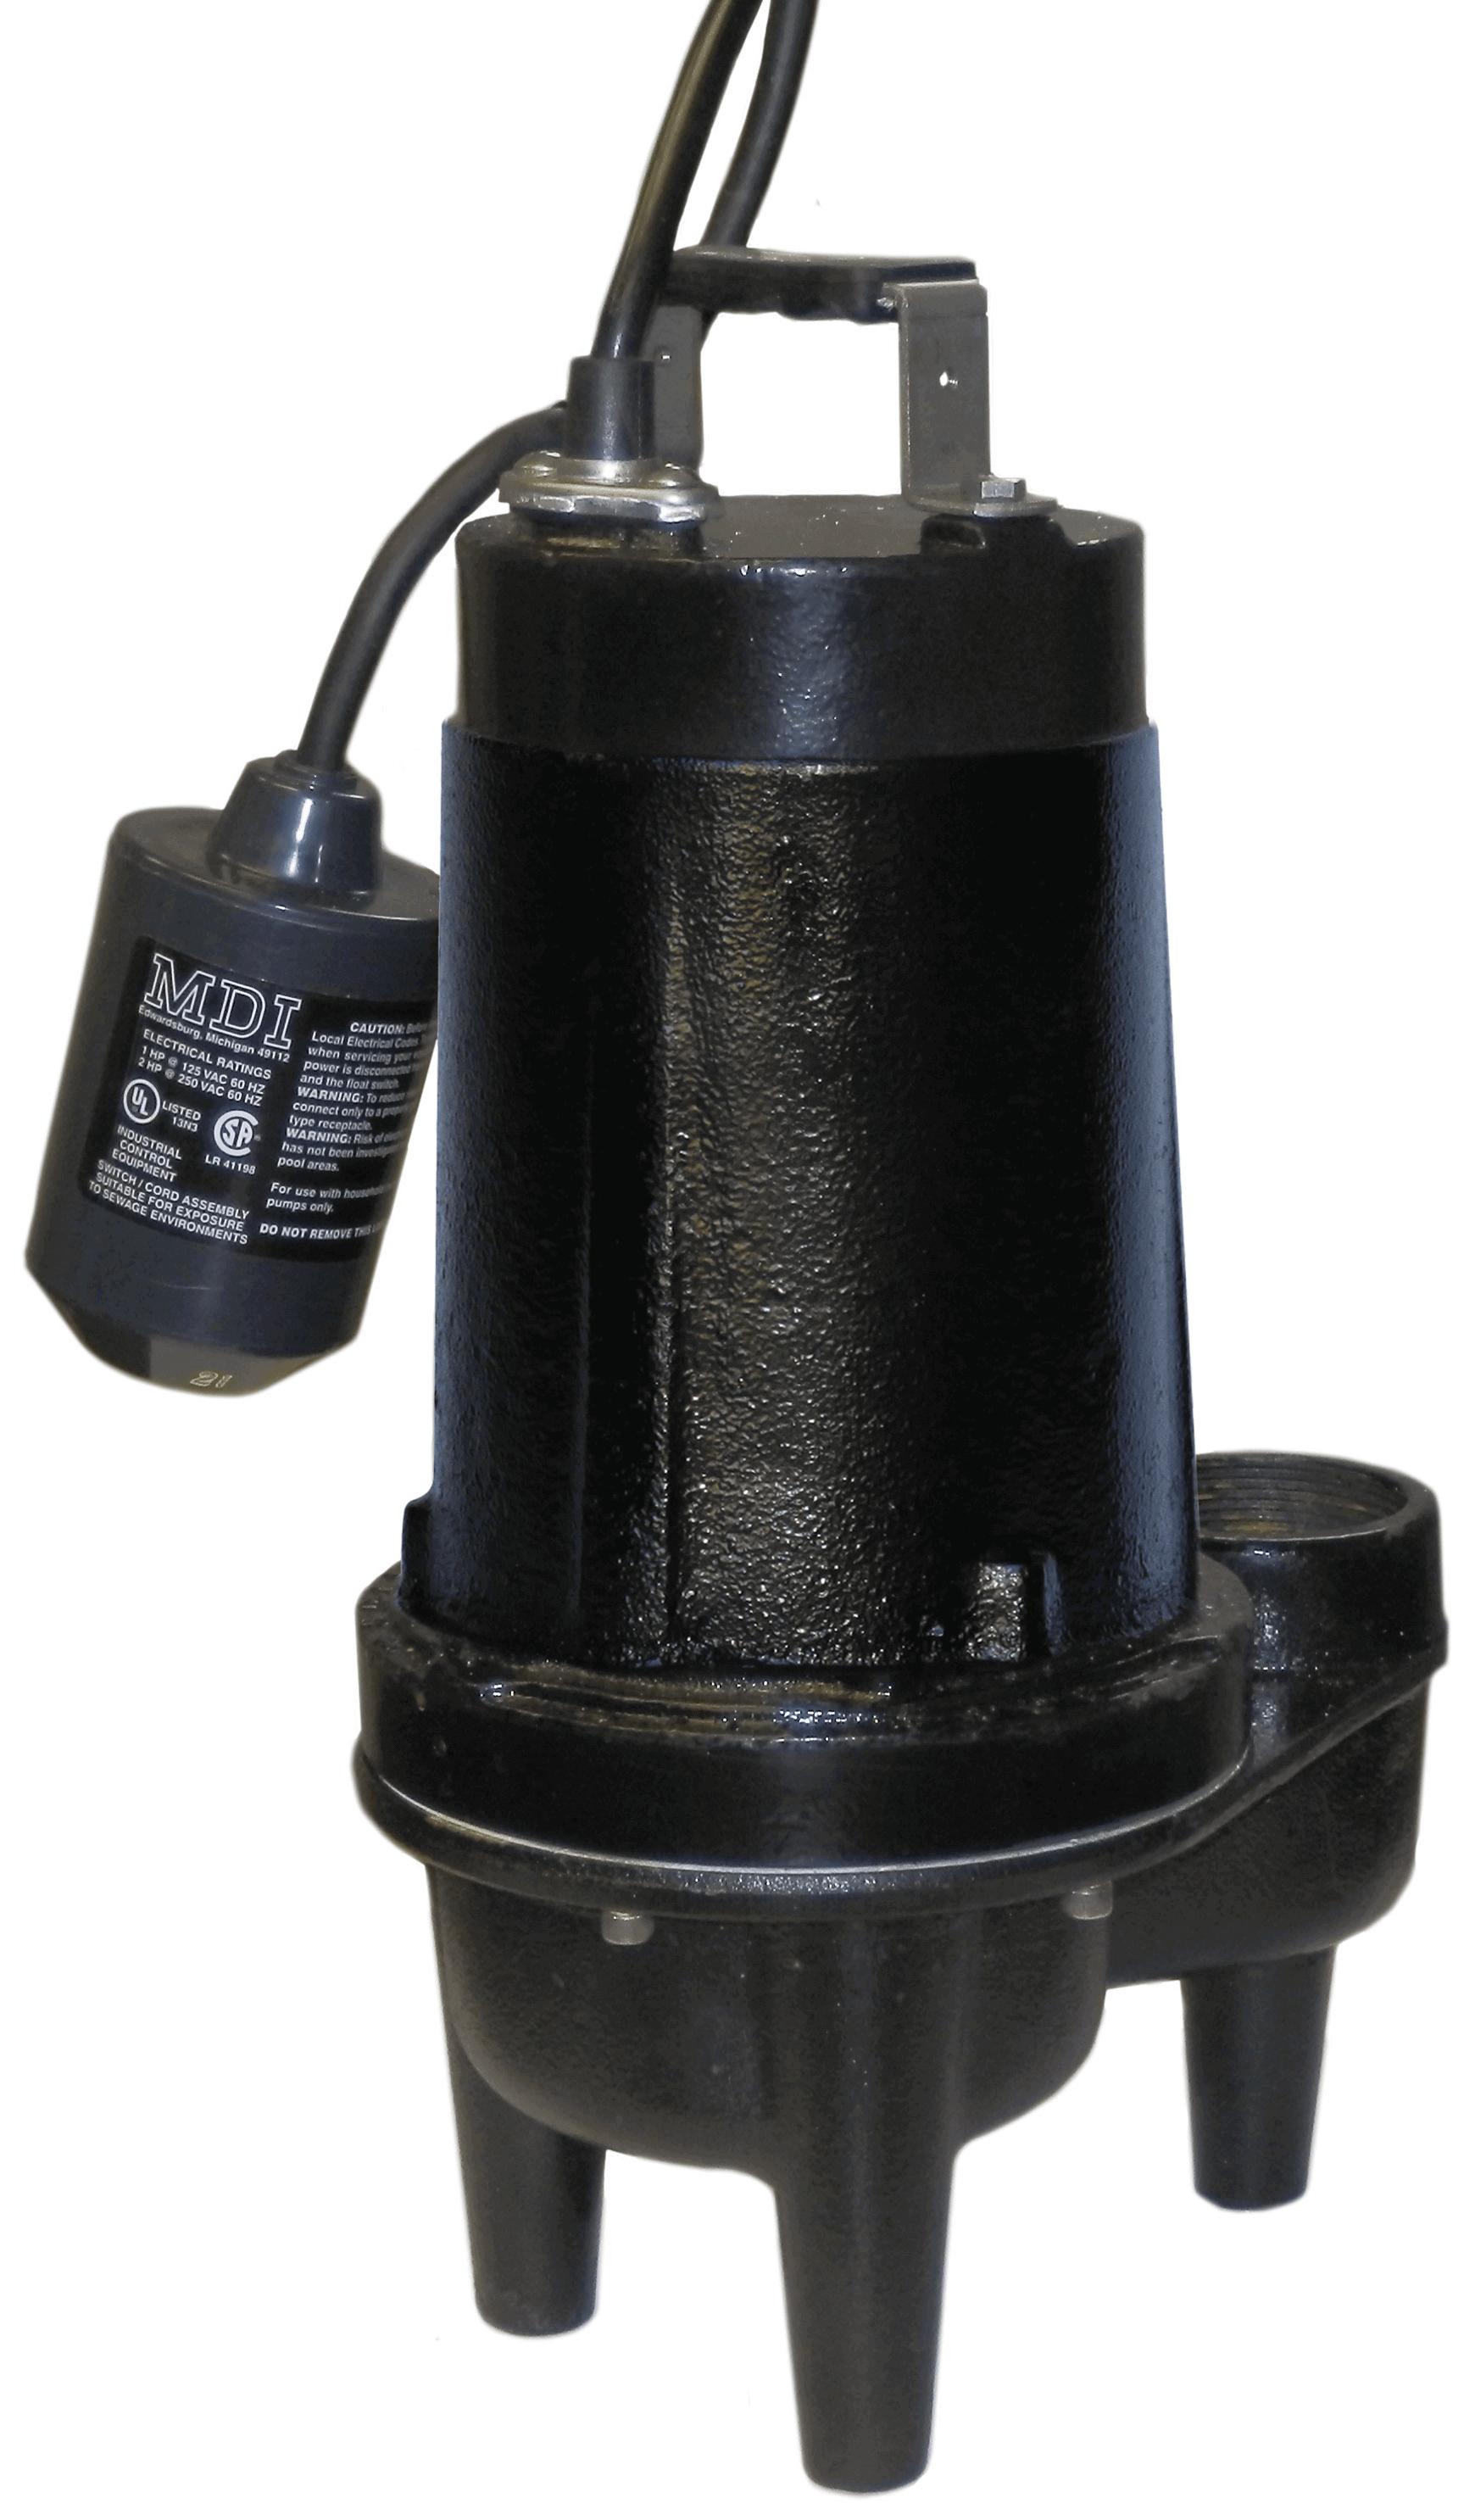 Champion Sewage Pump - 1/2 HP - 115 VAC - 20 foot cord - 109 GPM - 25 foot  Head w/ Float Switch